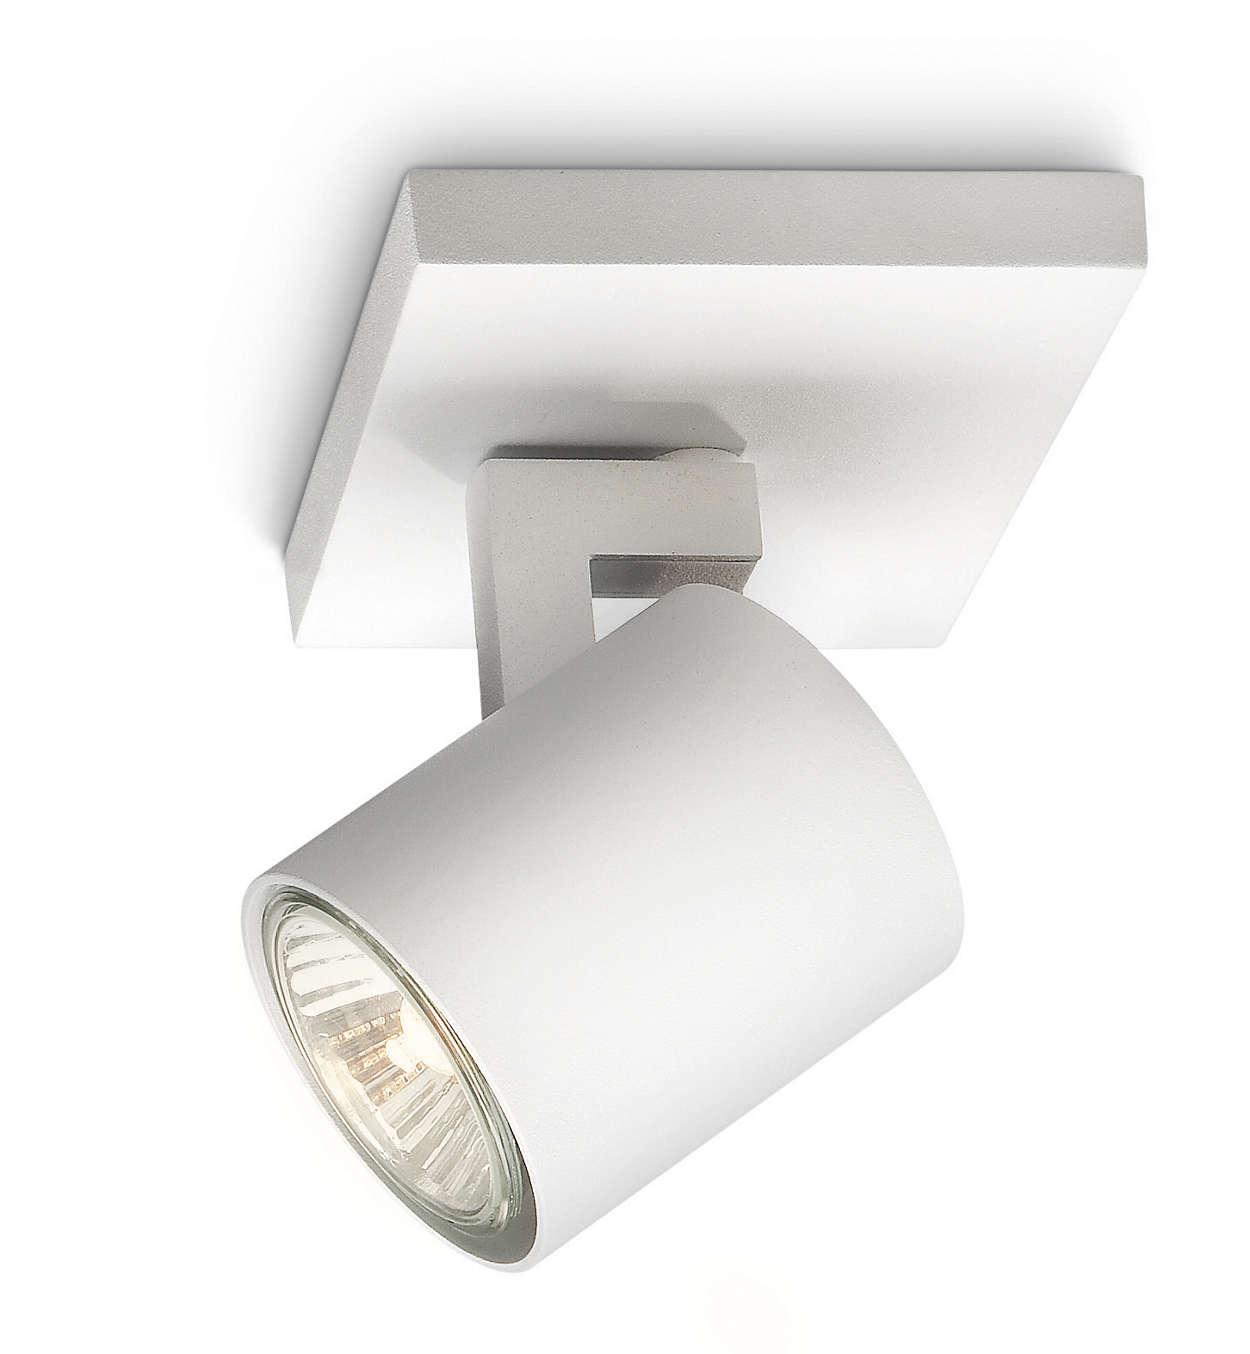 spot light 530903116 philips. Black Bedroom Furniture Sets. Home Design Ideas